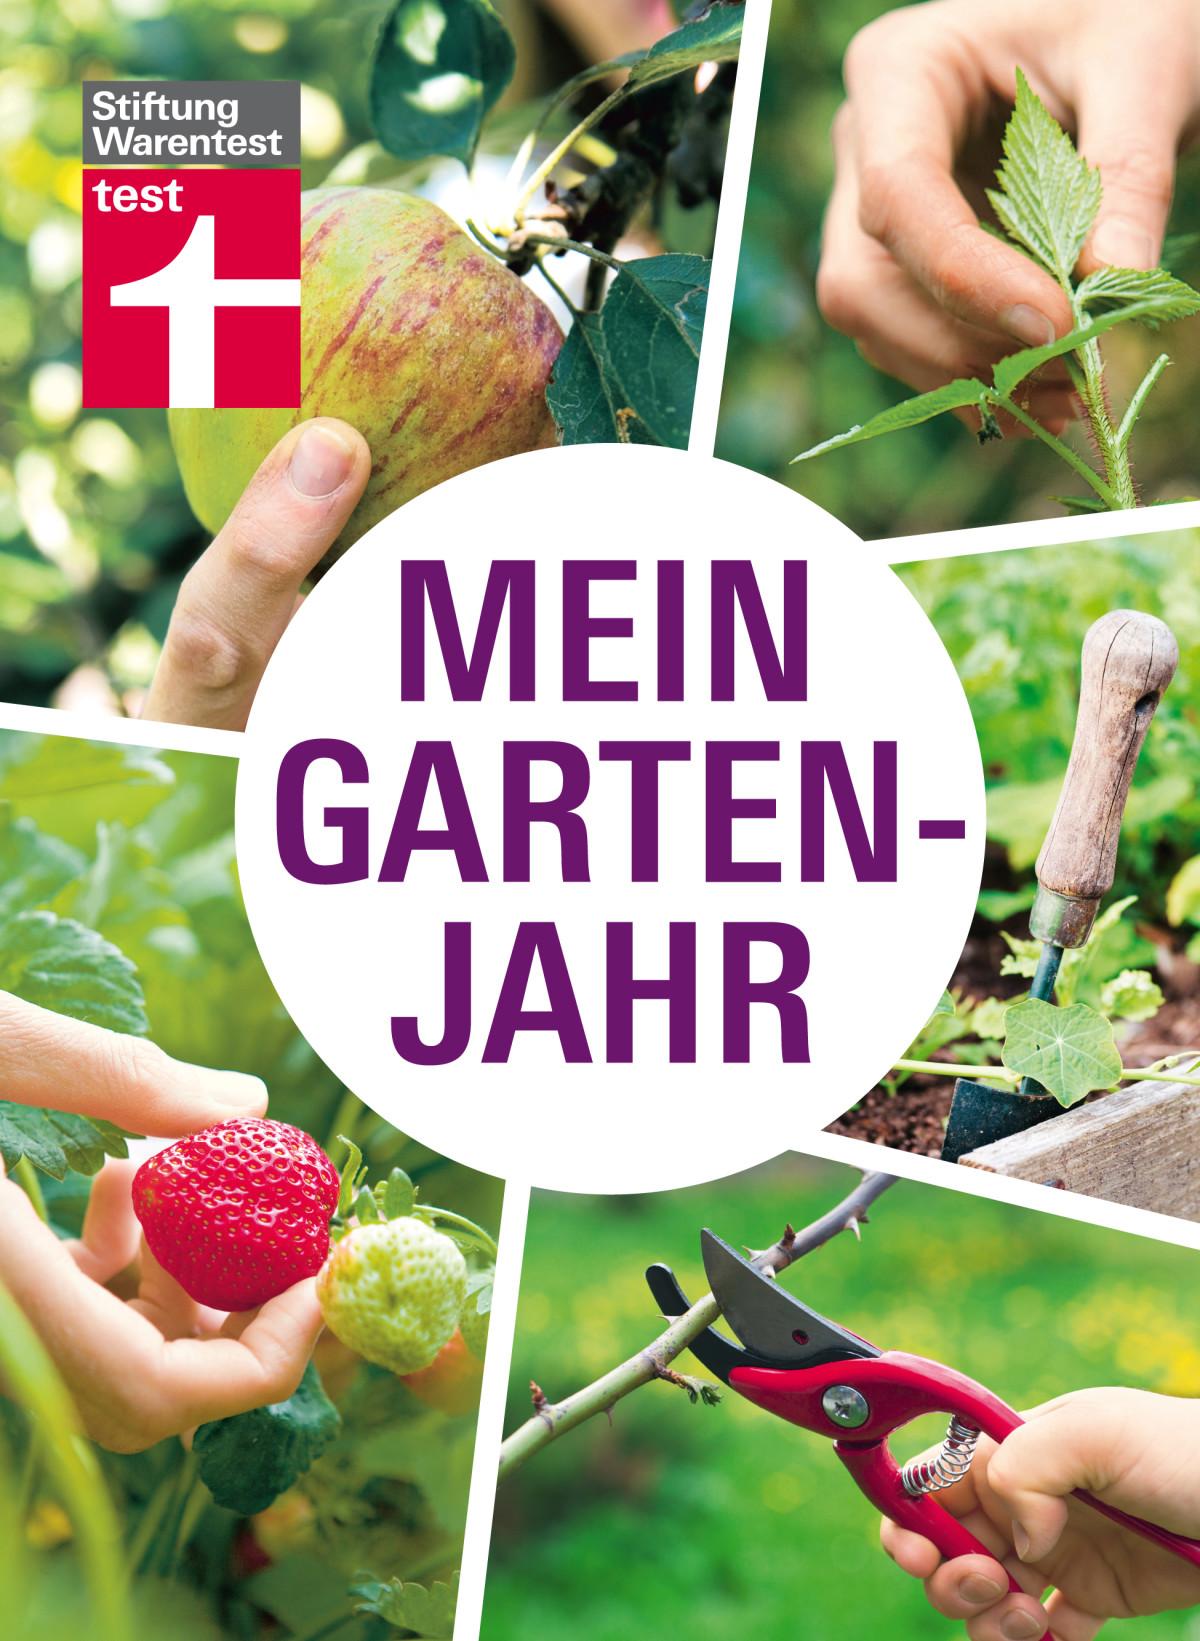 """""""Mein Gartenjahr"""" der Stiftung Warentest"""